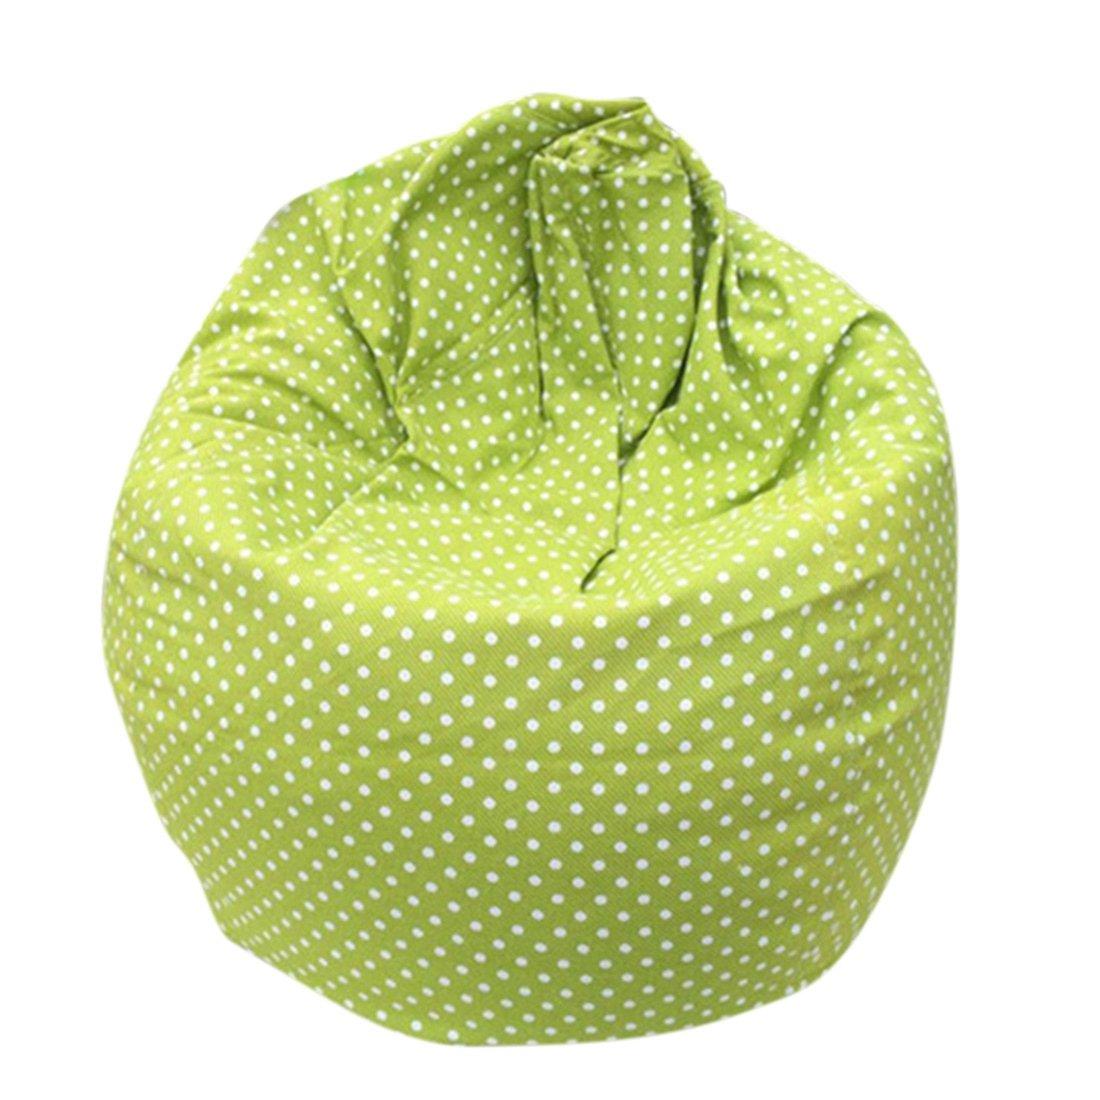 Qianle Fahsion Washable Single Sofa Cartoon Print Bean Bag Chair Leopard